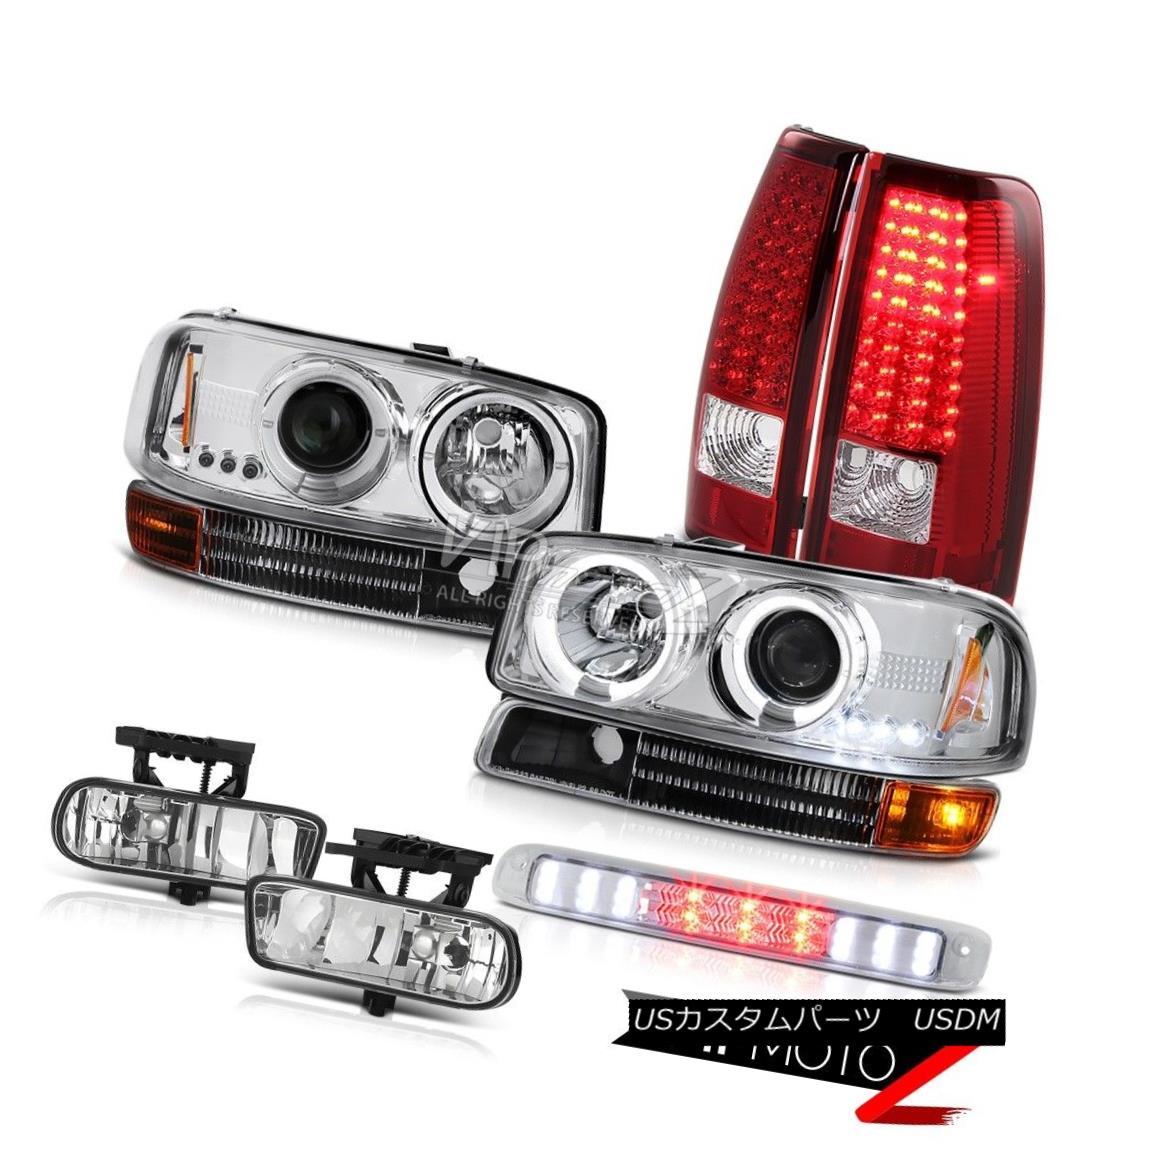 ヘッドライト Halo LED Projector Headlights LH+RH Brake Lights Fog High Cargo 99-02 Sierra SLE Halo LEDプロジェクターヘッドライトLH + RHブレーキライトFog High Cargo 99-02 Sierra SLE